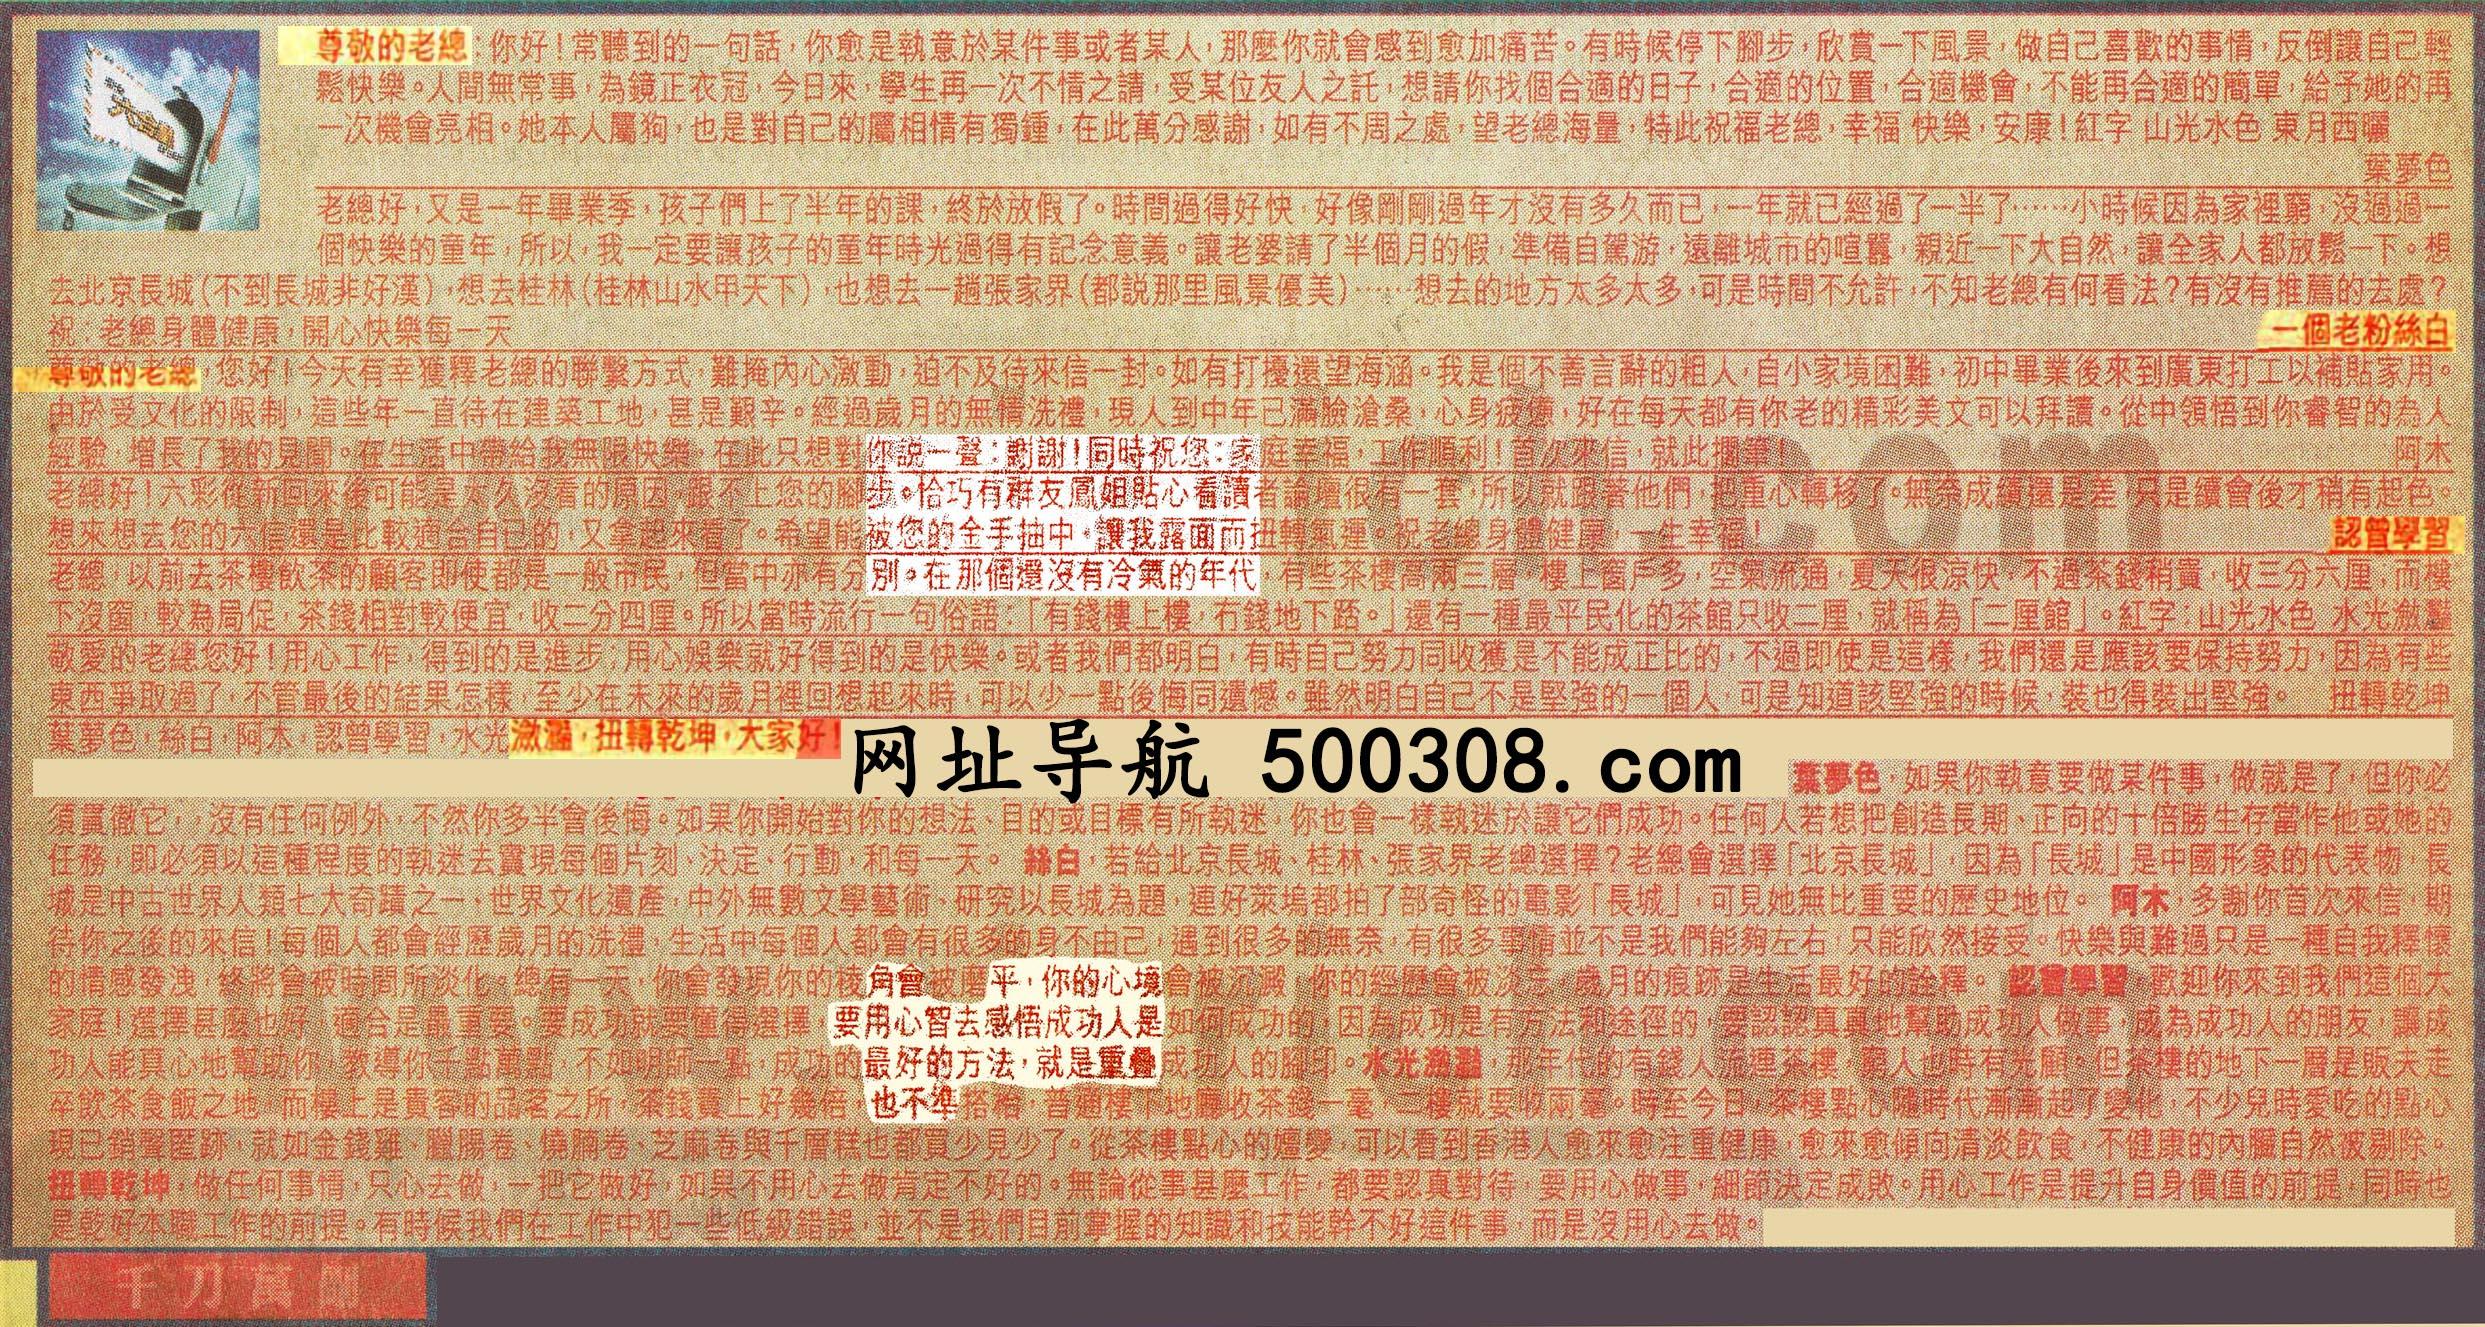 061期:彩民推荐六合皇信箱(�t字:千刀�f��)_061期开奖结果:23-04-05-08-02-03-T27(猪/绿/火)